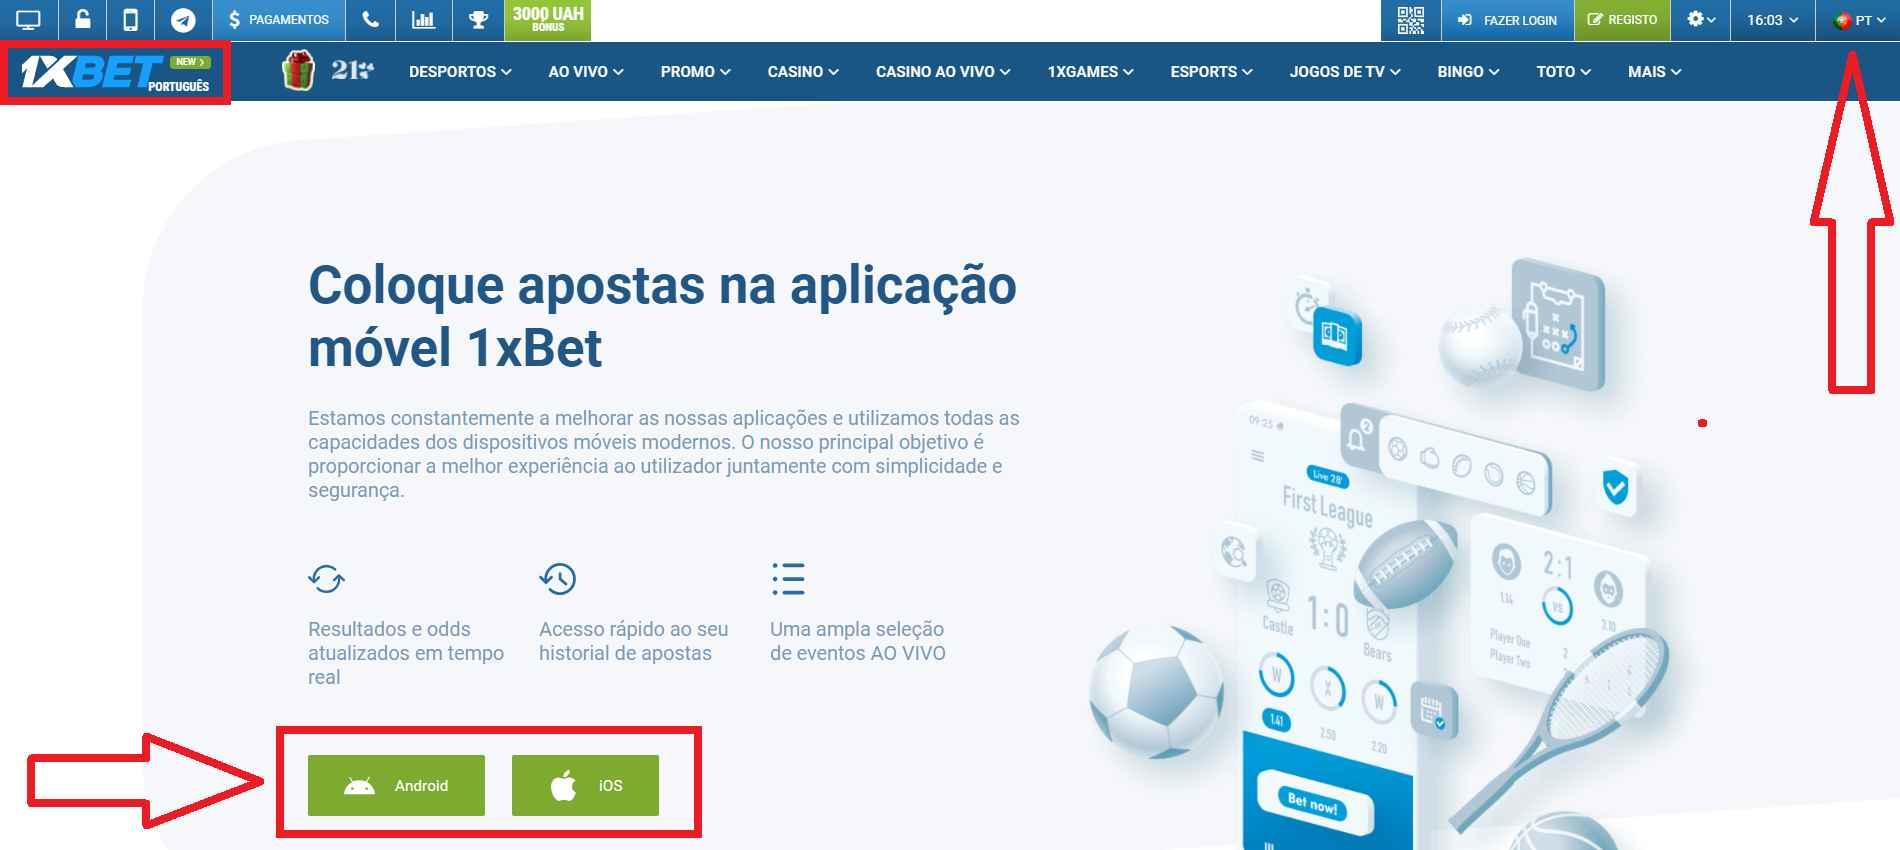 Retomando as rédeas da sorte com 1xBet app Portugal